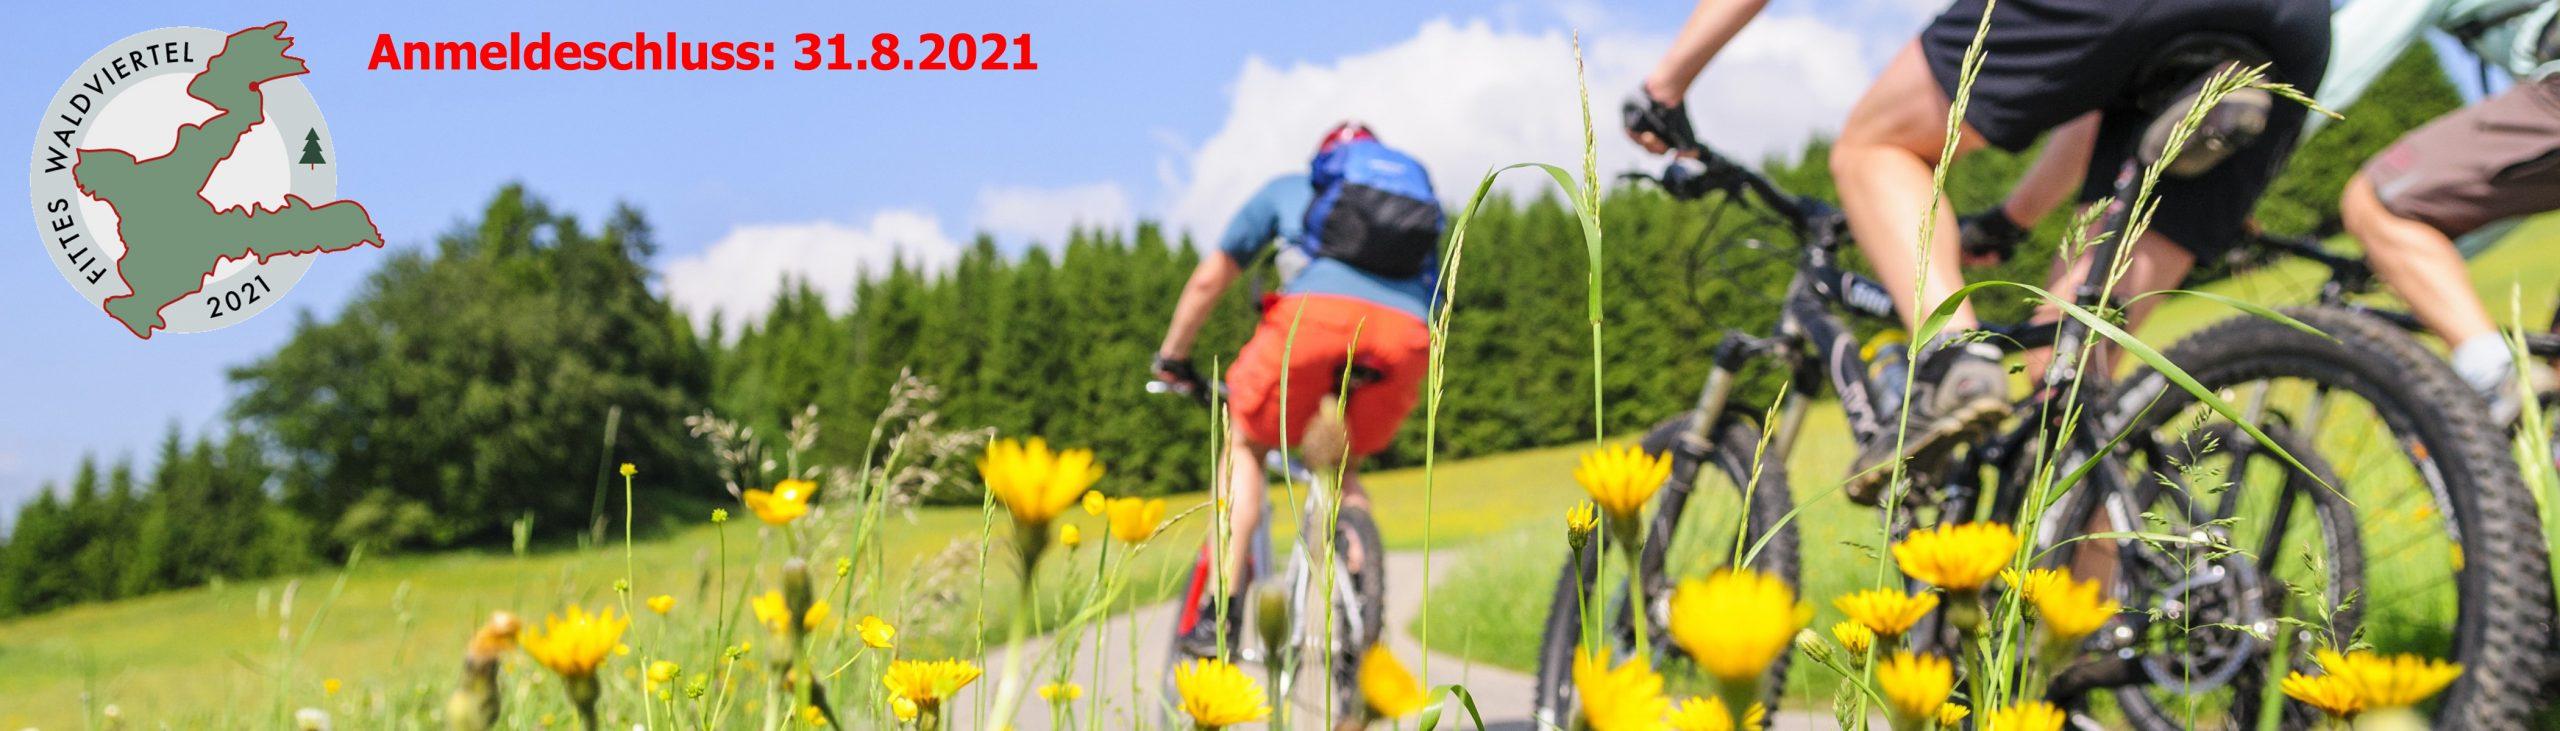 Mountainbike_sehrschmal_LOGO_Anmeldeschluss